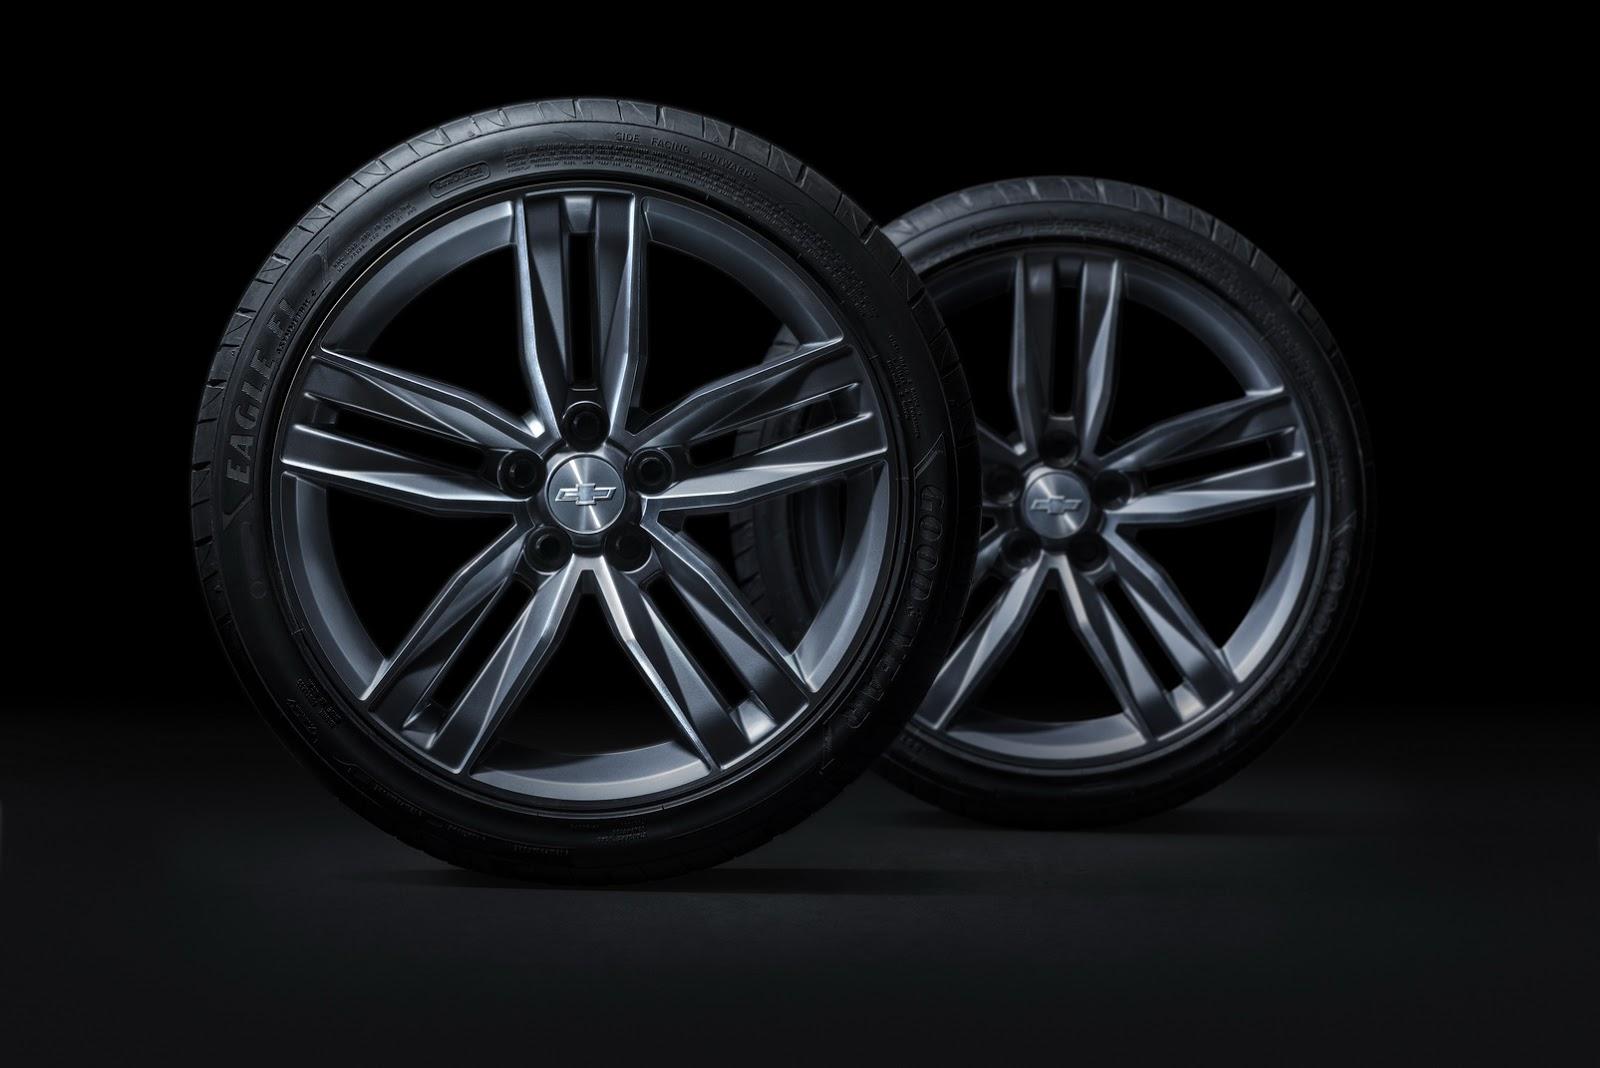 2016 - [Chevrolet] Camaro VI - Page 2 2016-camaro-wheels